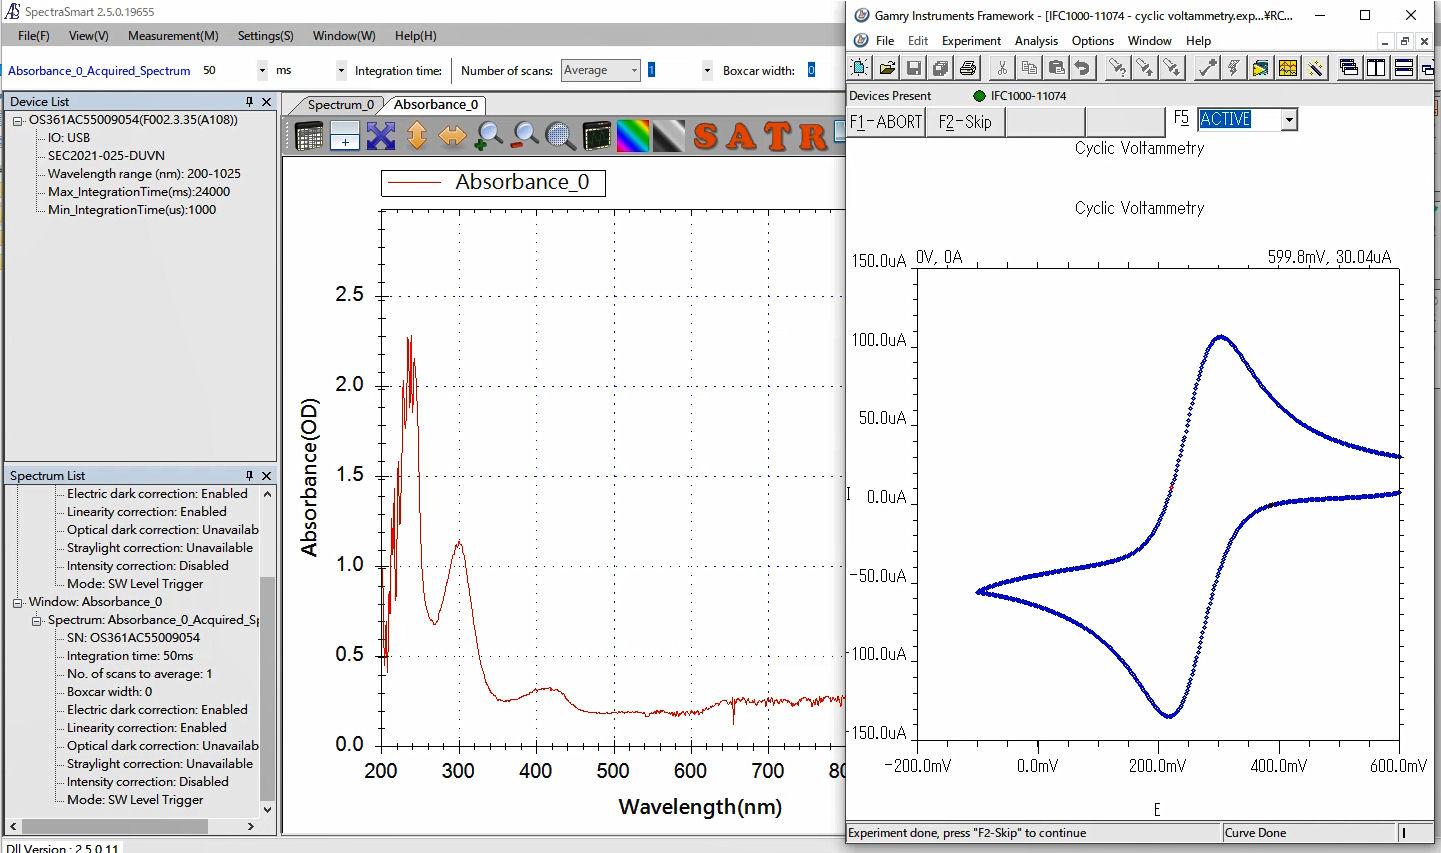 分光電気化学測定によるサイクリックボルタモグラムと吸光度スペクトル